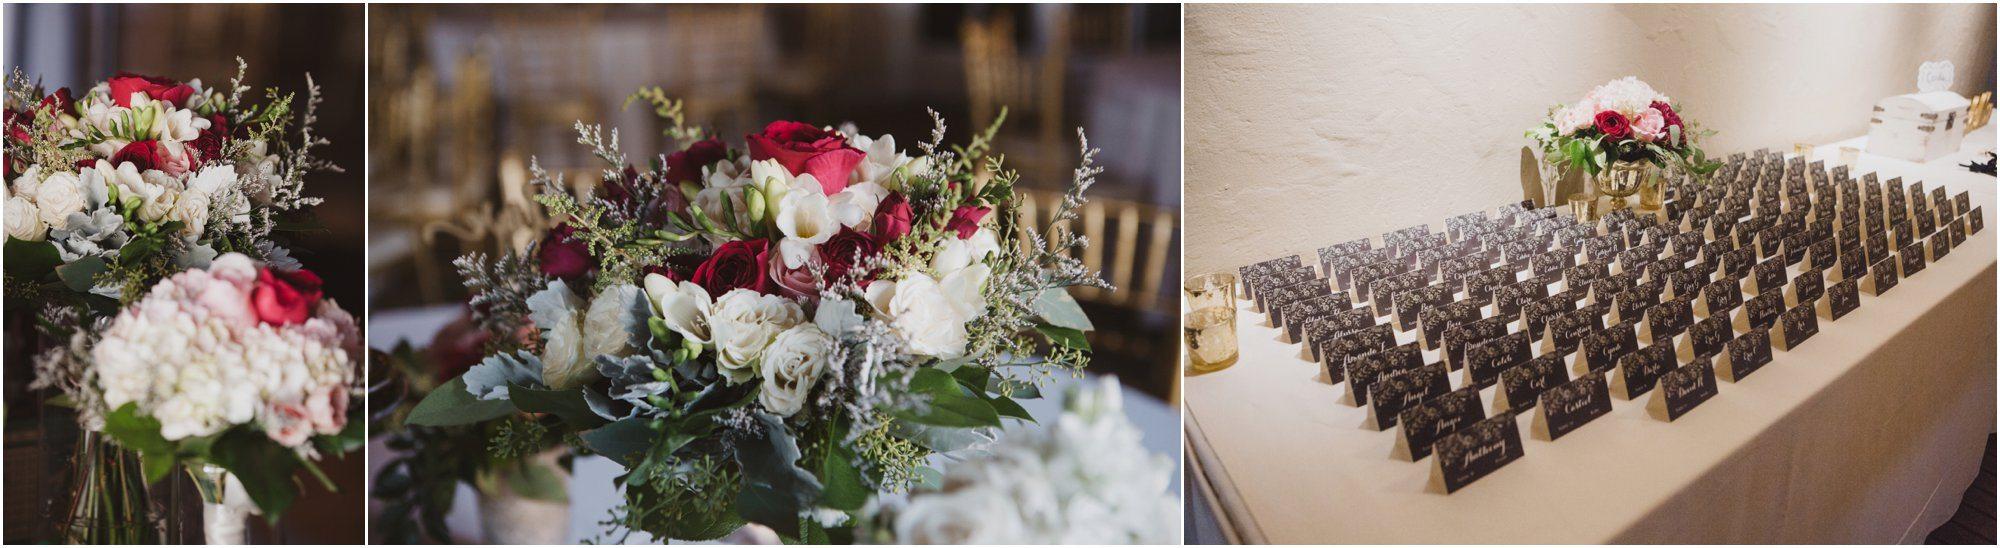 0003albuquerque-wedding-photography_-santa-fe-wedding-photographer_-blue-rose-studio